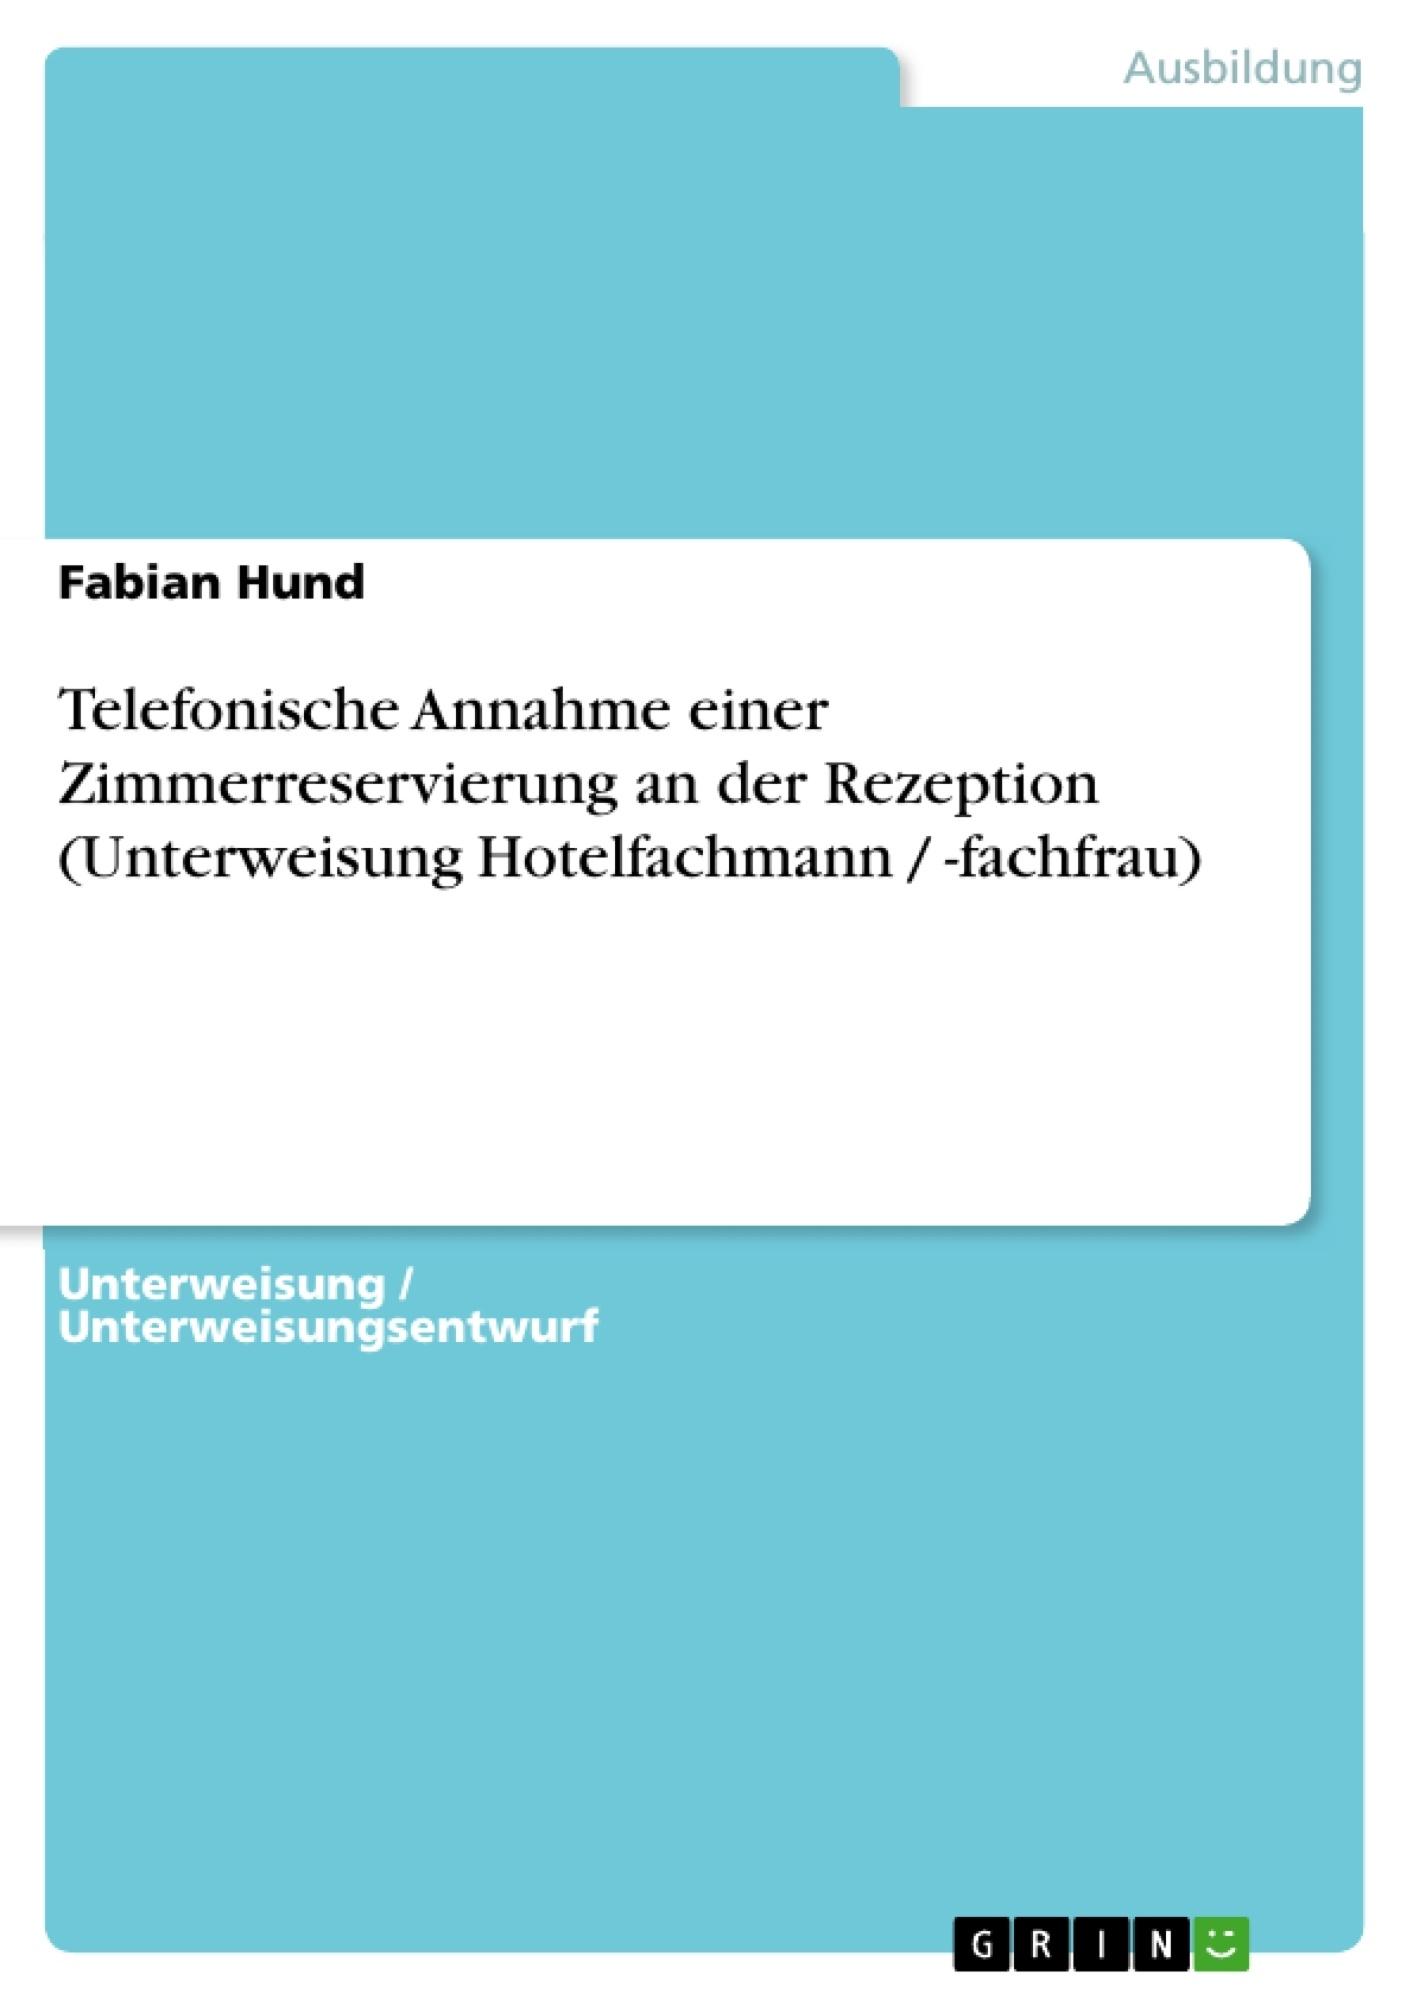 Titel: Telefonische Annahme einer Zimmerreservierung an der Rezeption (Unterweisung Hotelfachmann / -fachfrau)